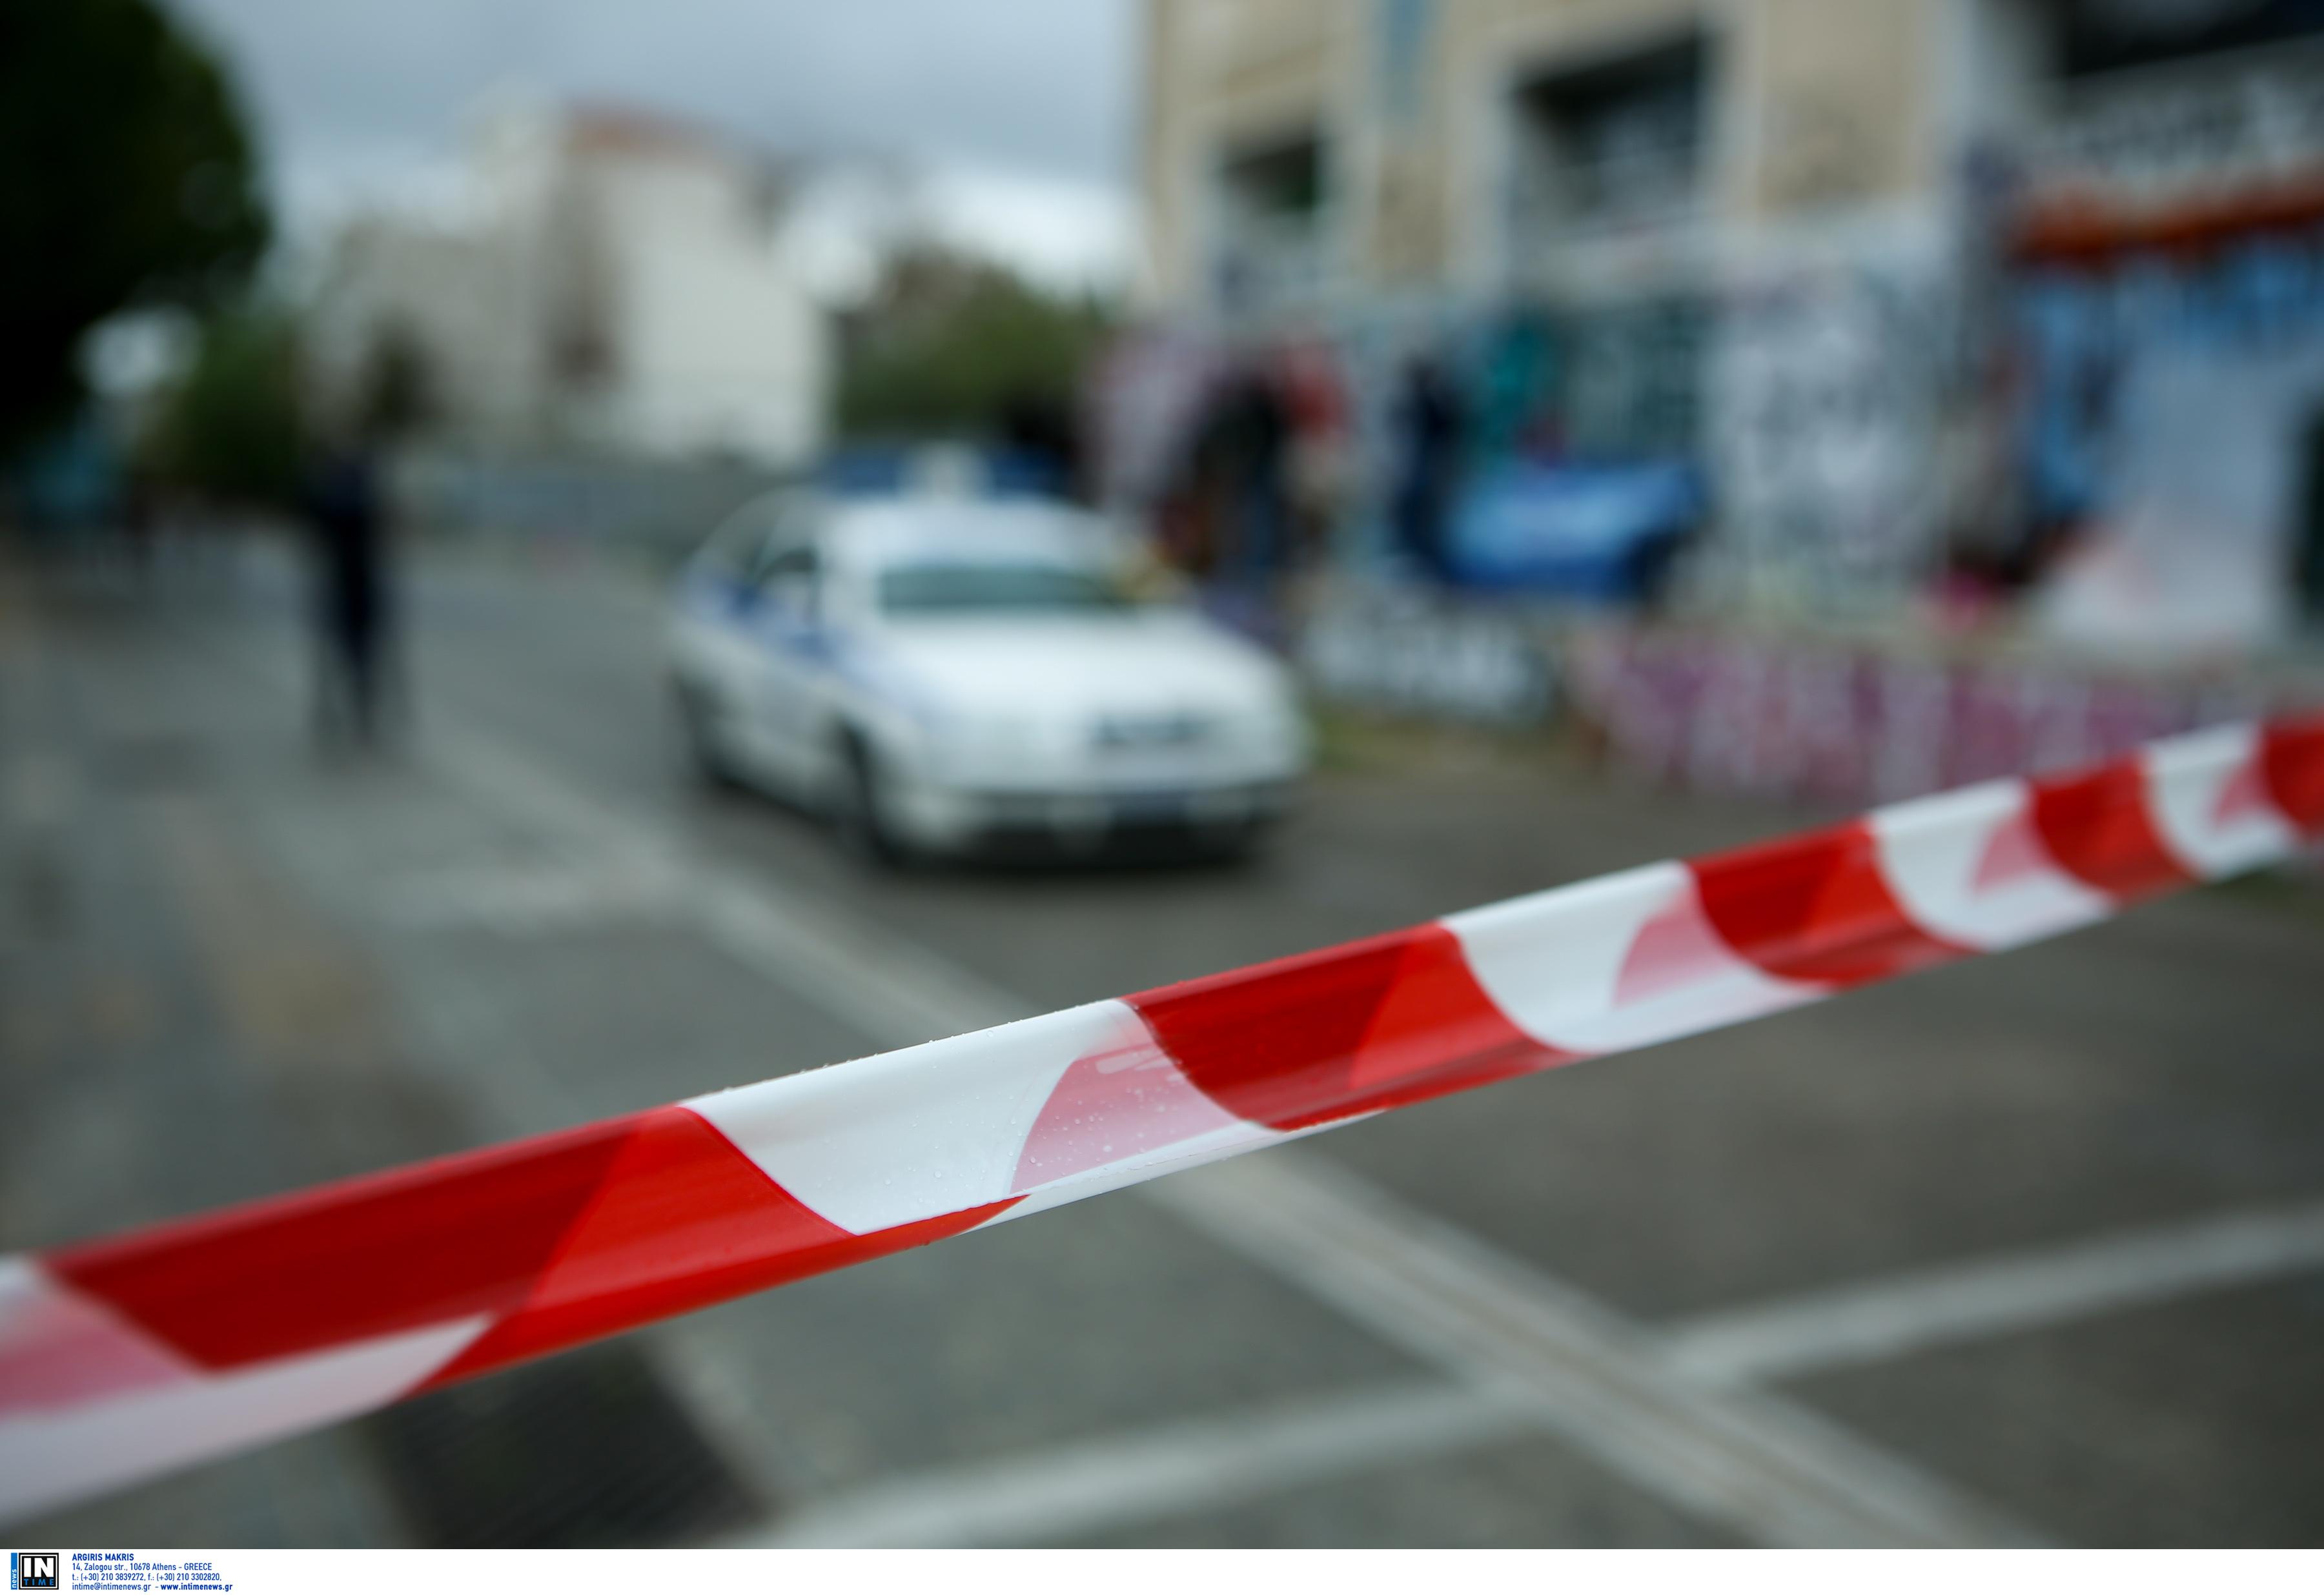 Θεσσαλονίκη: Αιχμάλωτοι και κυνηγημένοι παραμονές του 2020! Η παρακολούθηση έβγαλε λαβράκι